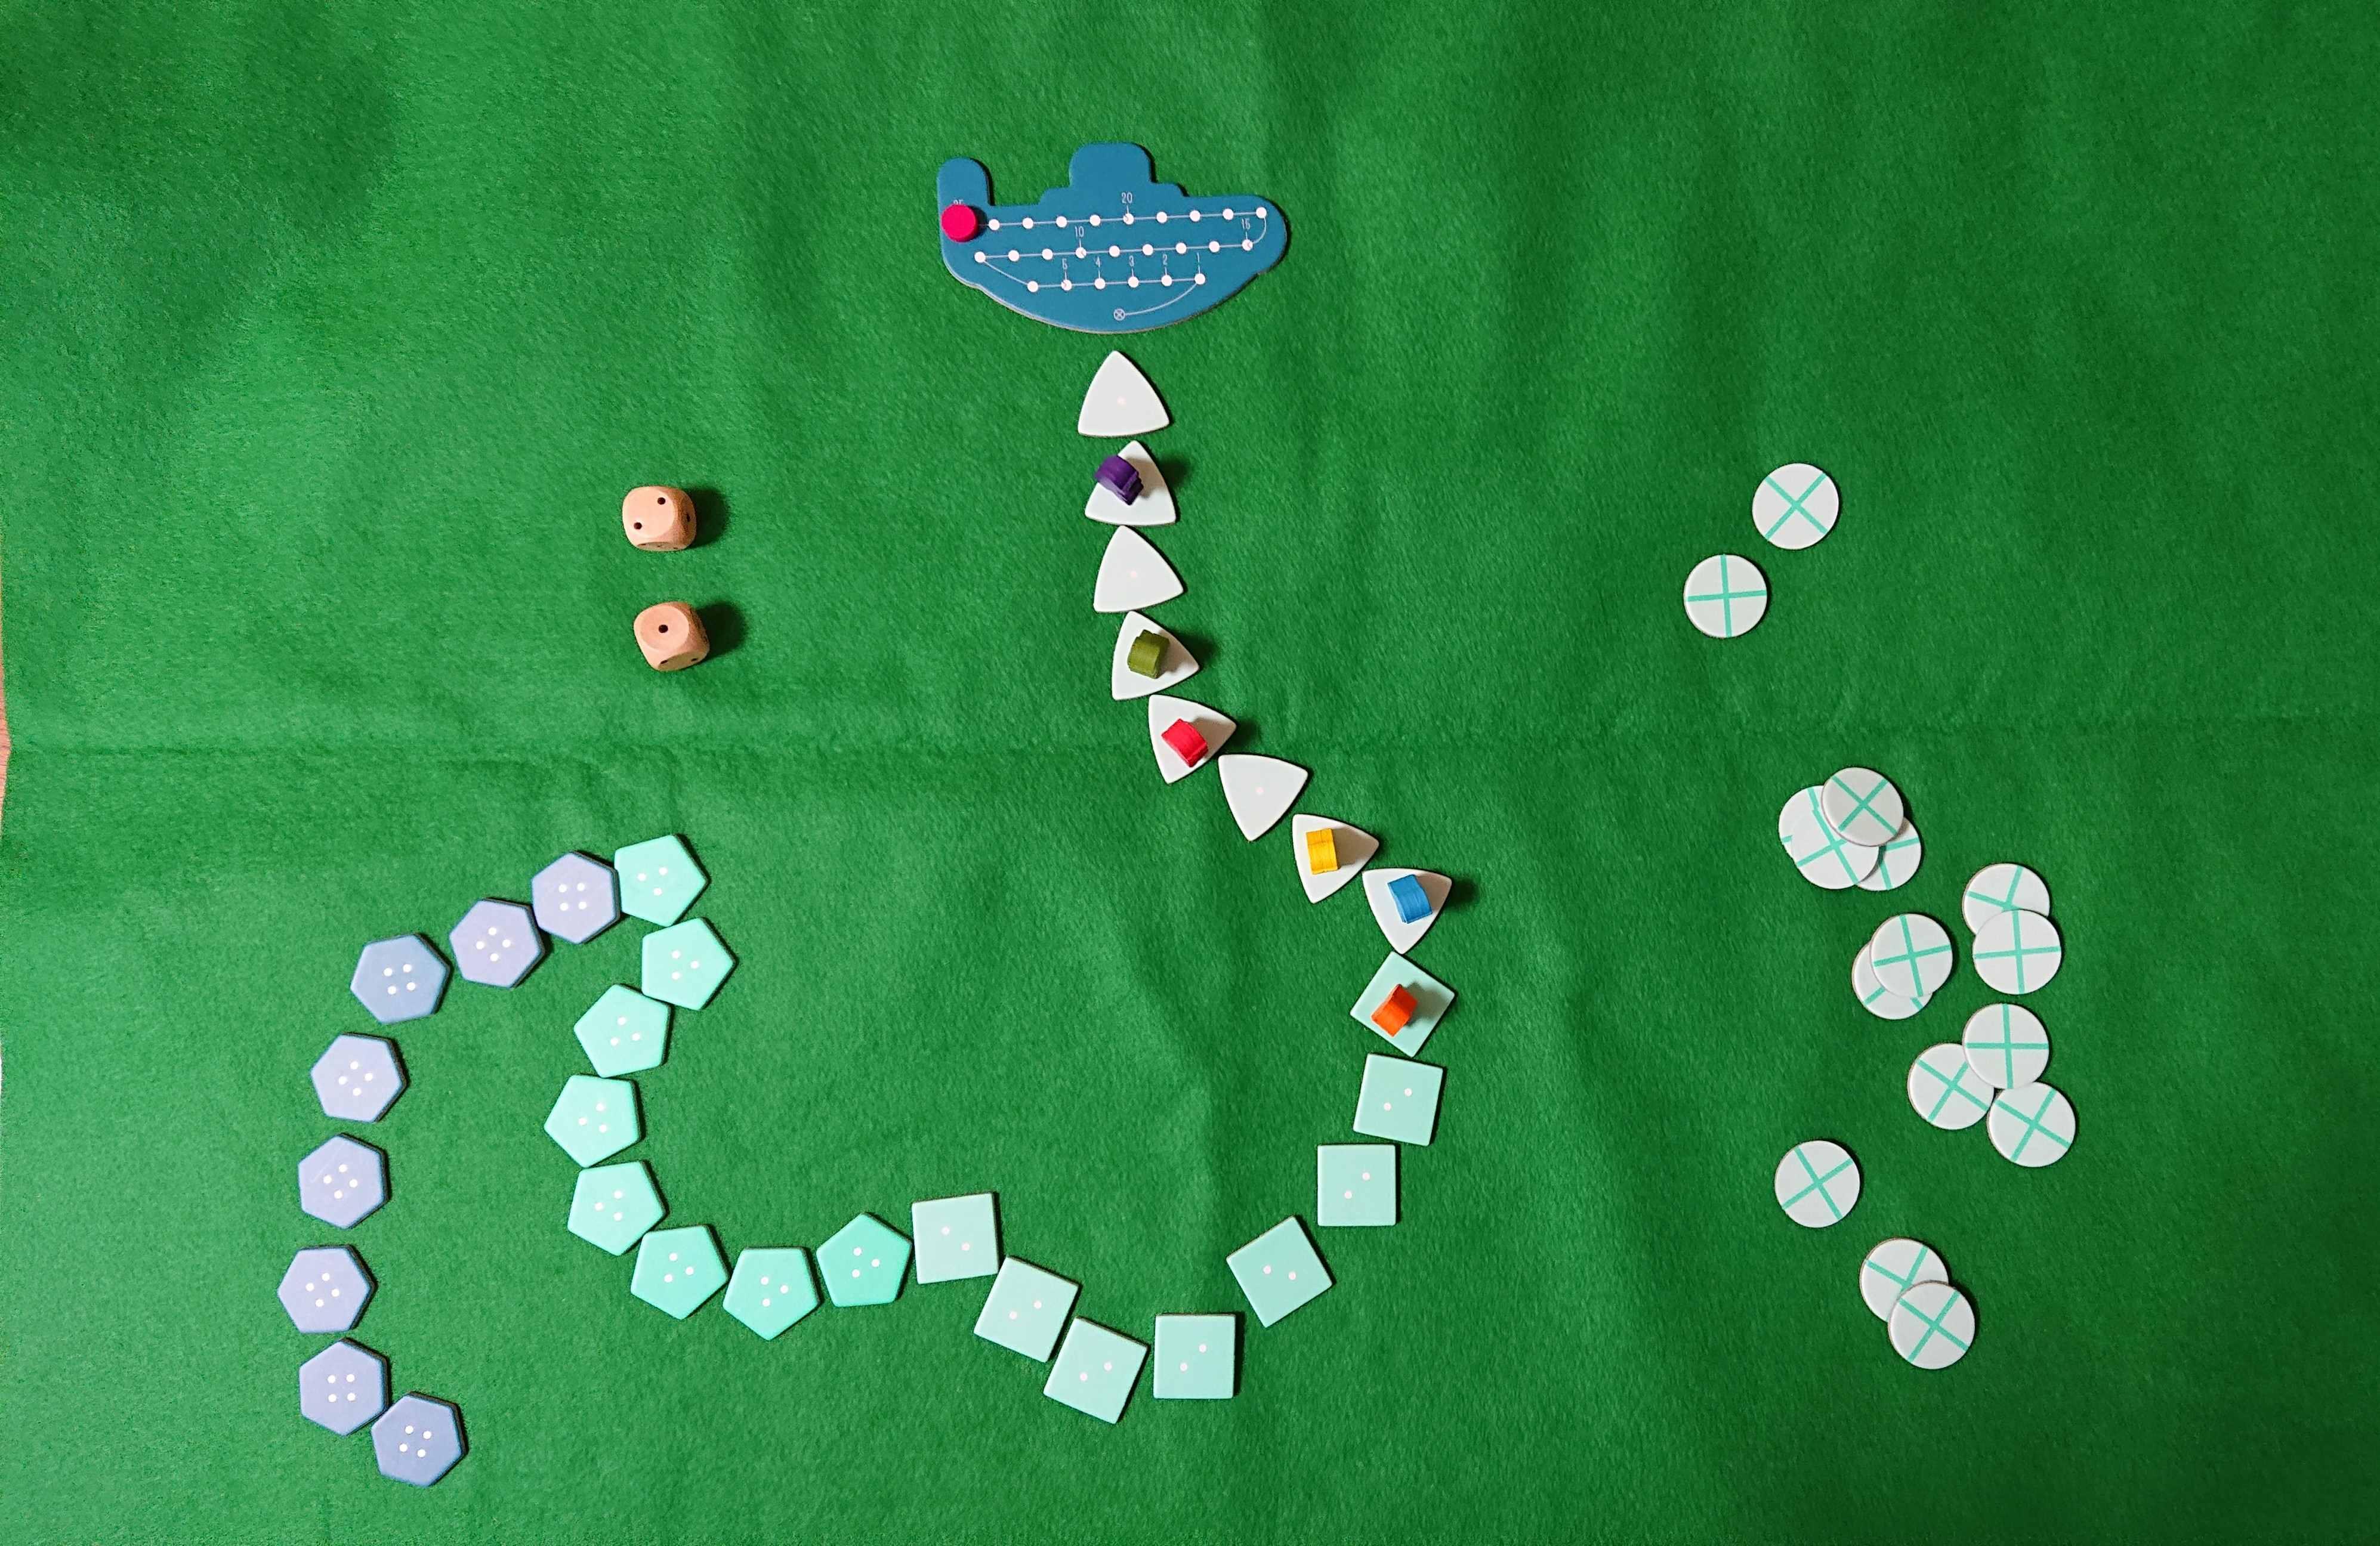 海底探検 初心者も楽しめるボードゲーム 海の藻屑にならないように! ルール説明